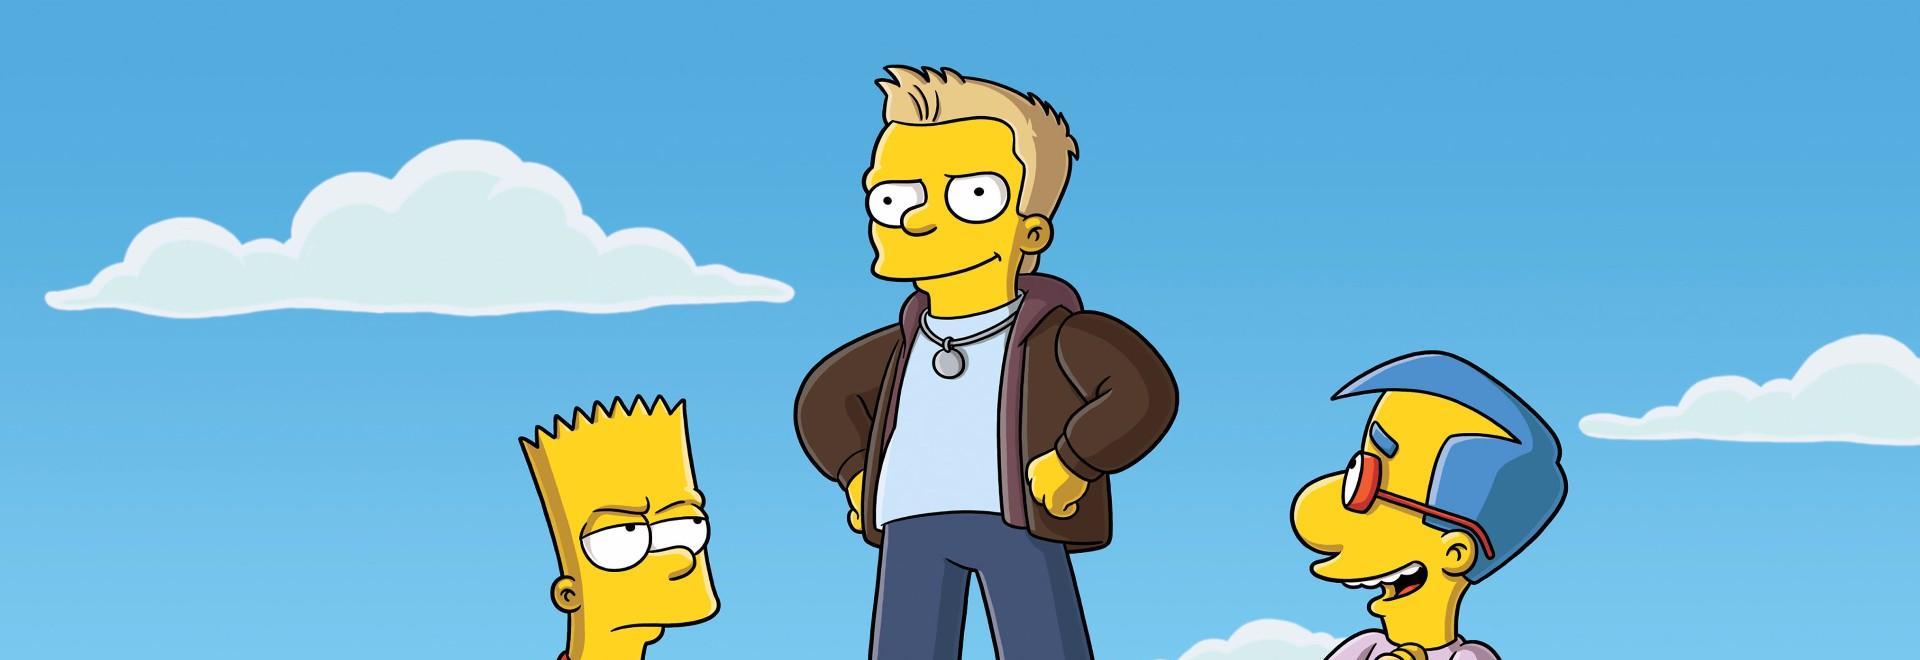 L'amore alla maniera di Springfield